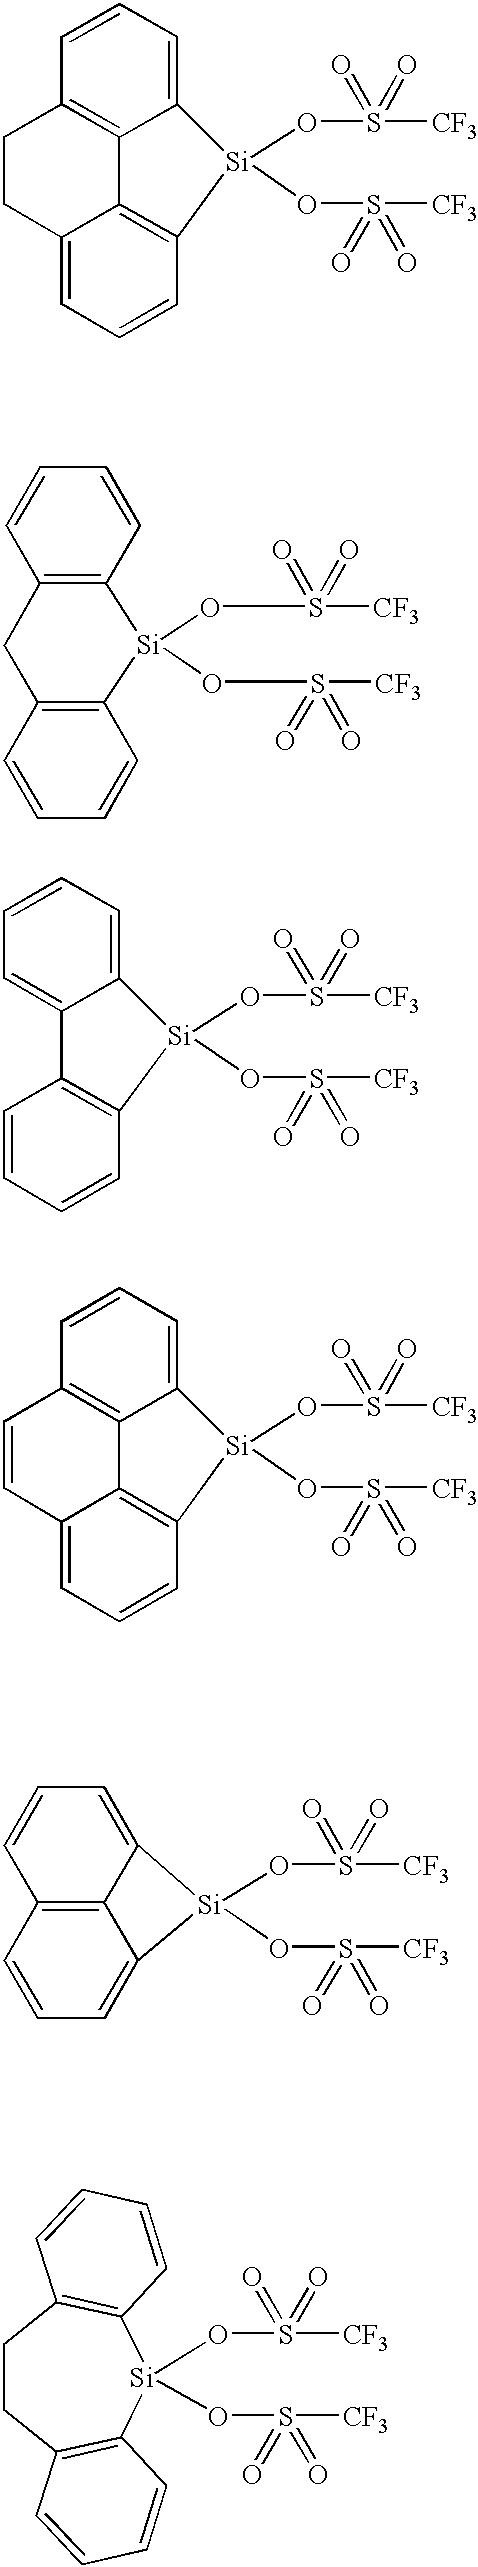 Figure US06960676-20051101-C00008